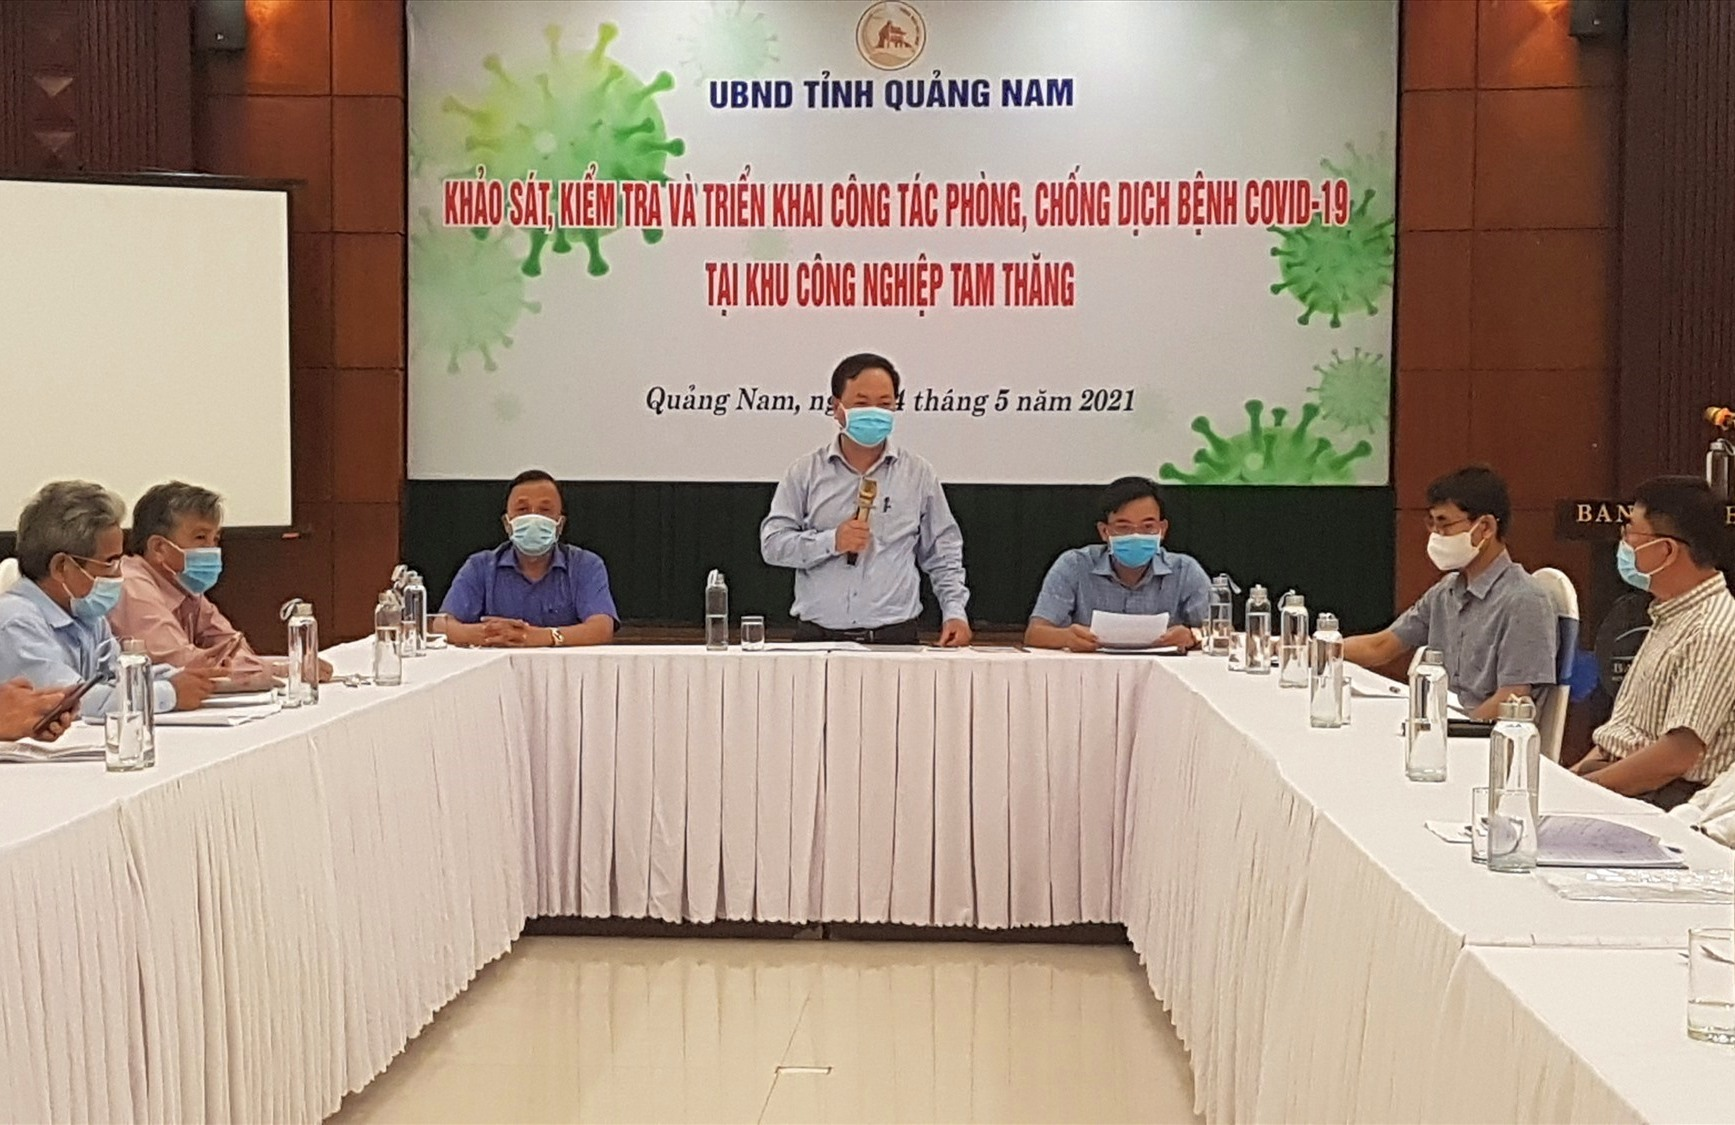 Phó Chủ tịch UBND tỉnh Nguyễn Hồng Quang làm việc với chủ đầu tư và các doanh nghiệp trong KCN Tam Thăng. Ảnh: D.L